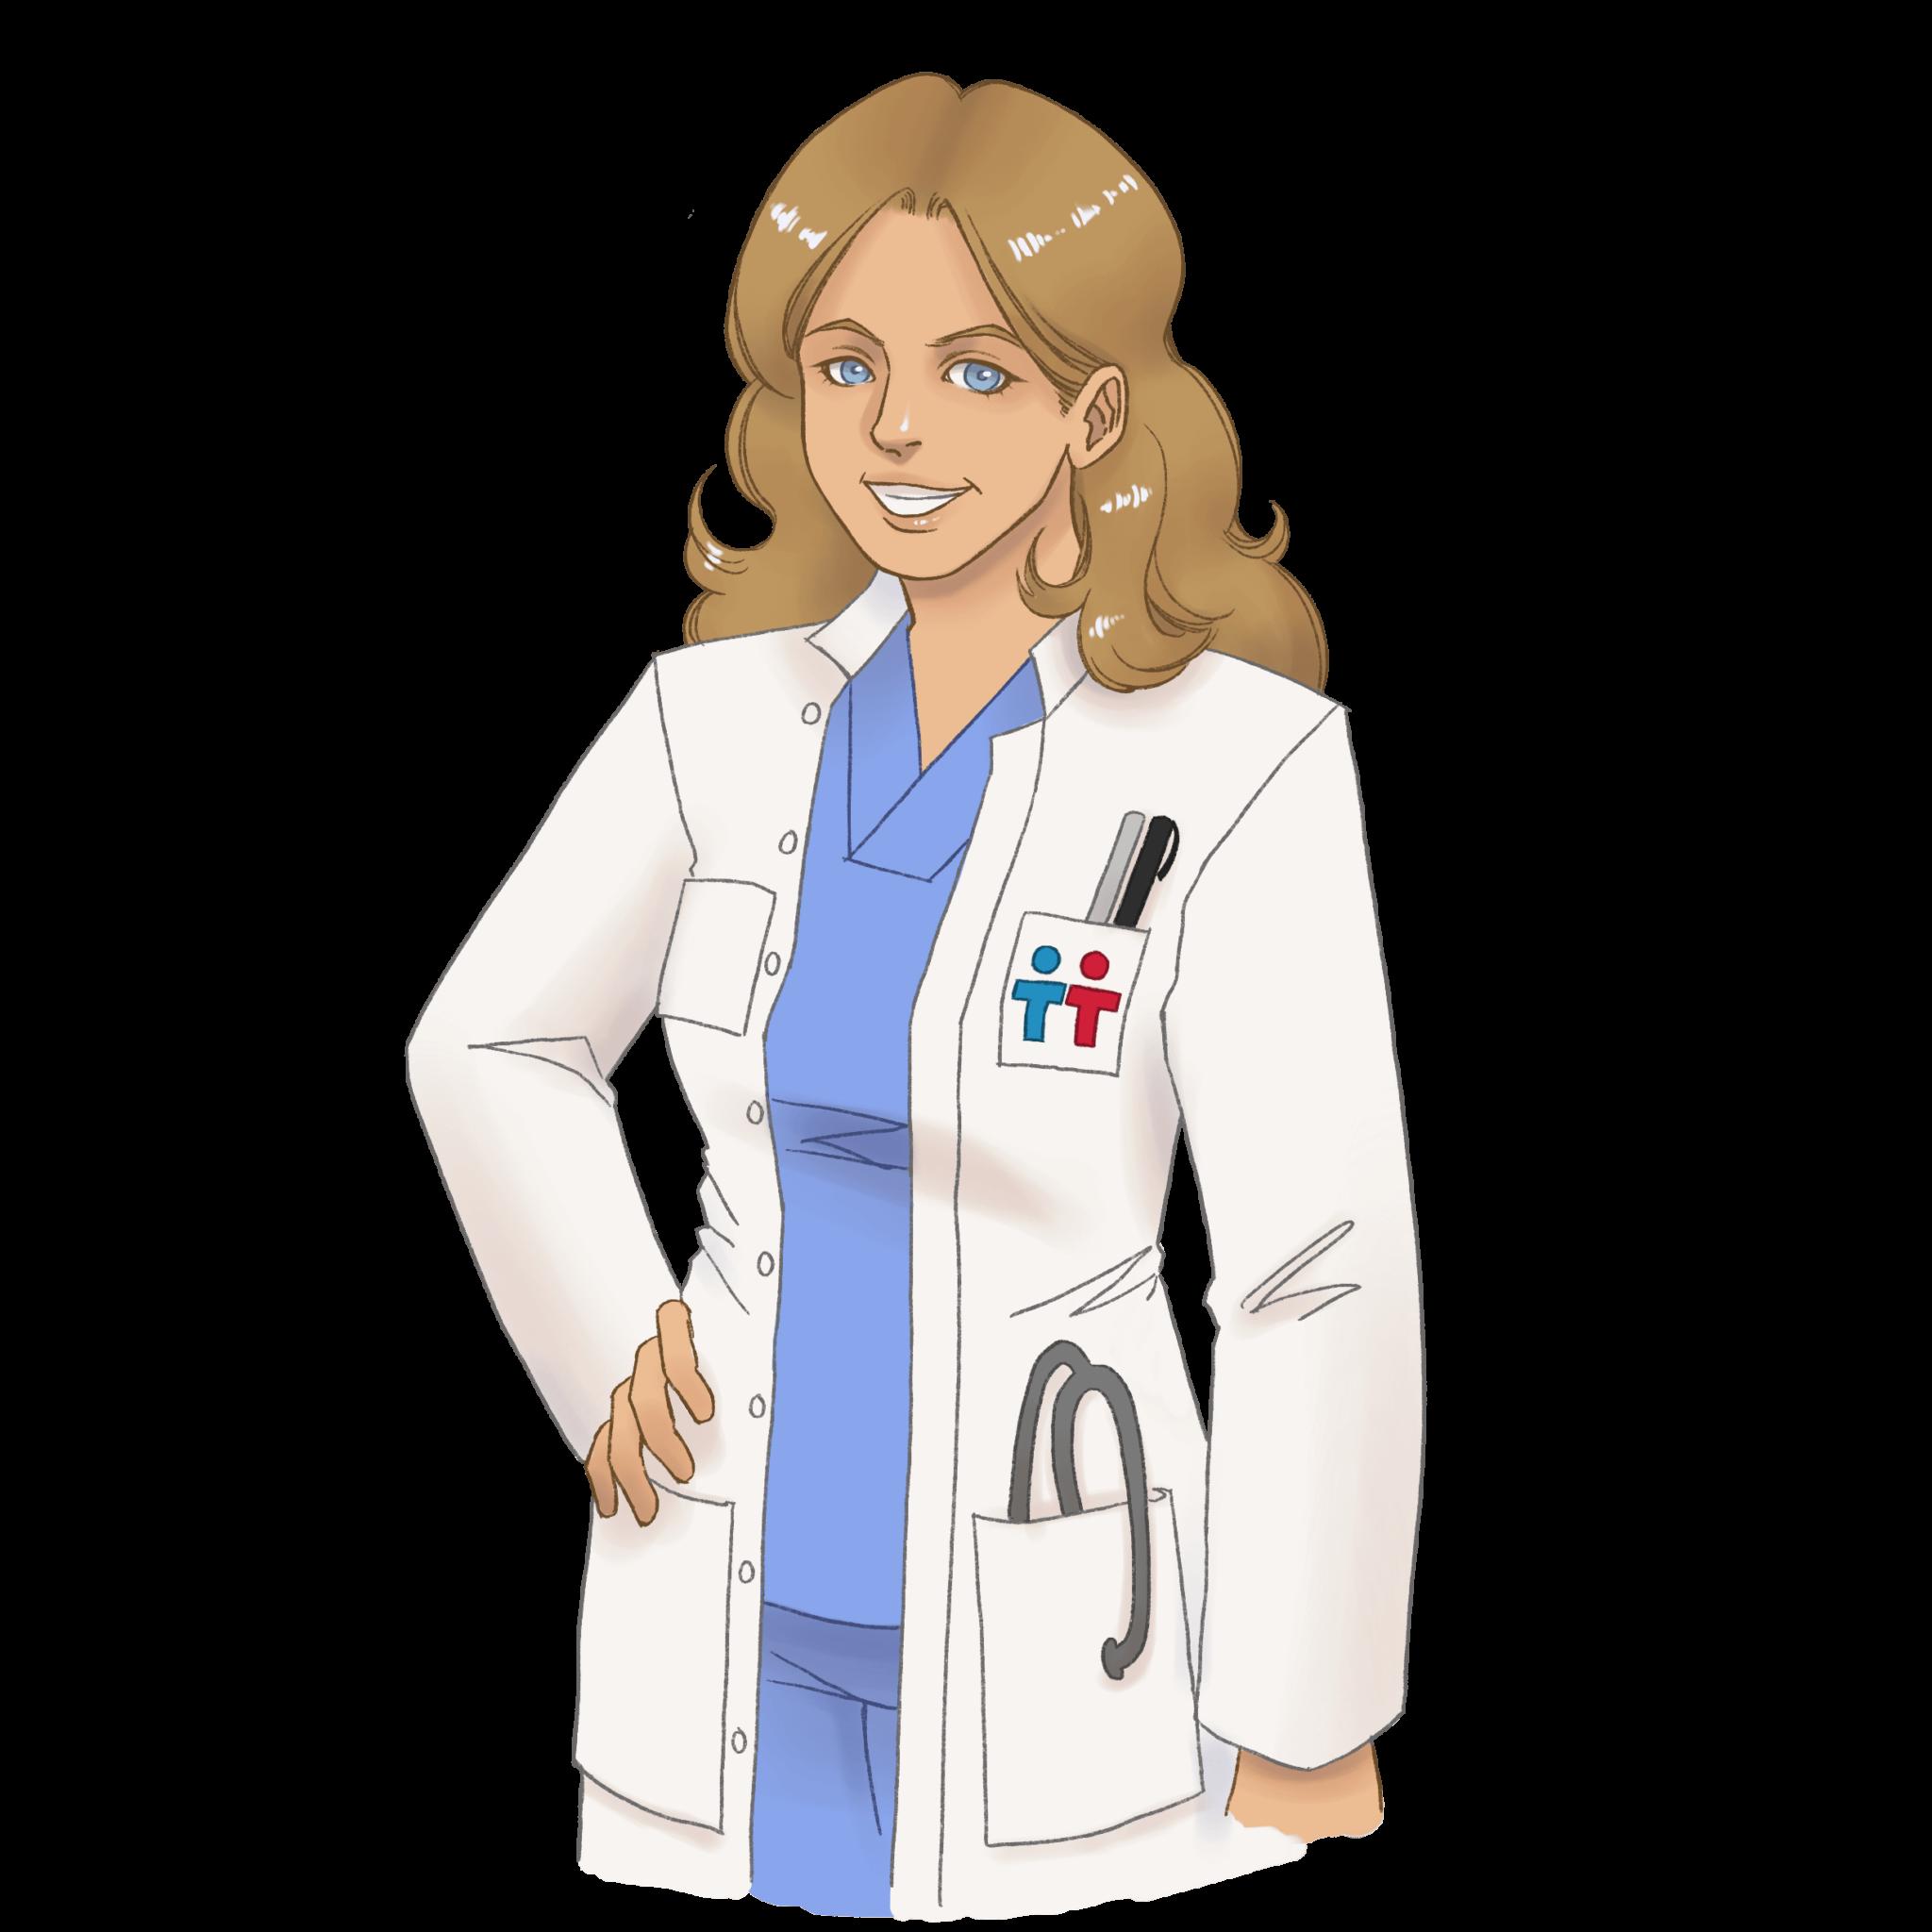 Arzt-Medizinerin-Arbeitnehmerueberlassung-Jobvermittlung